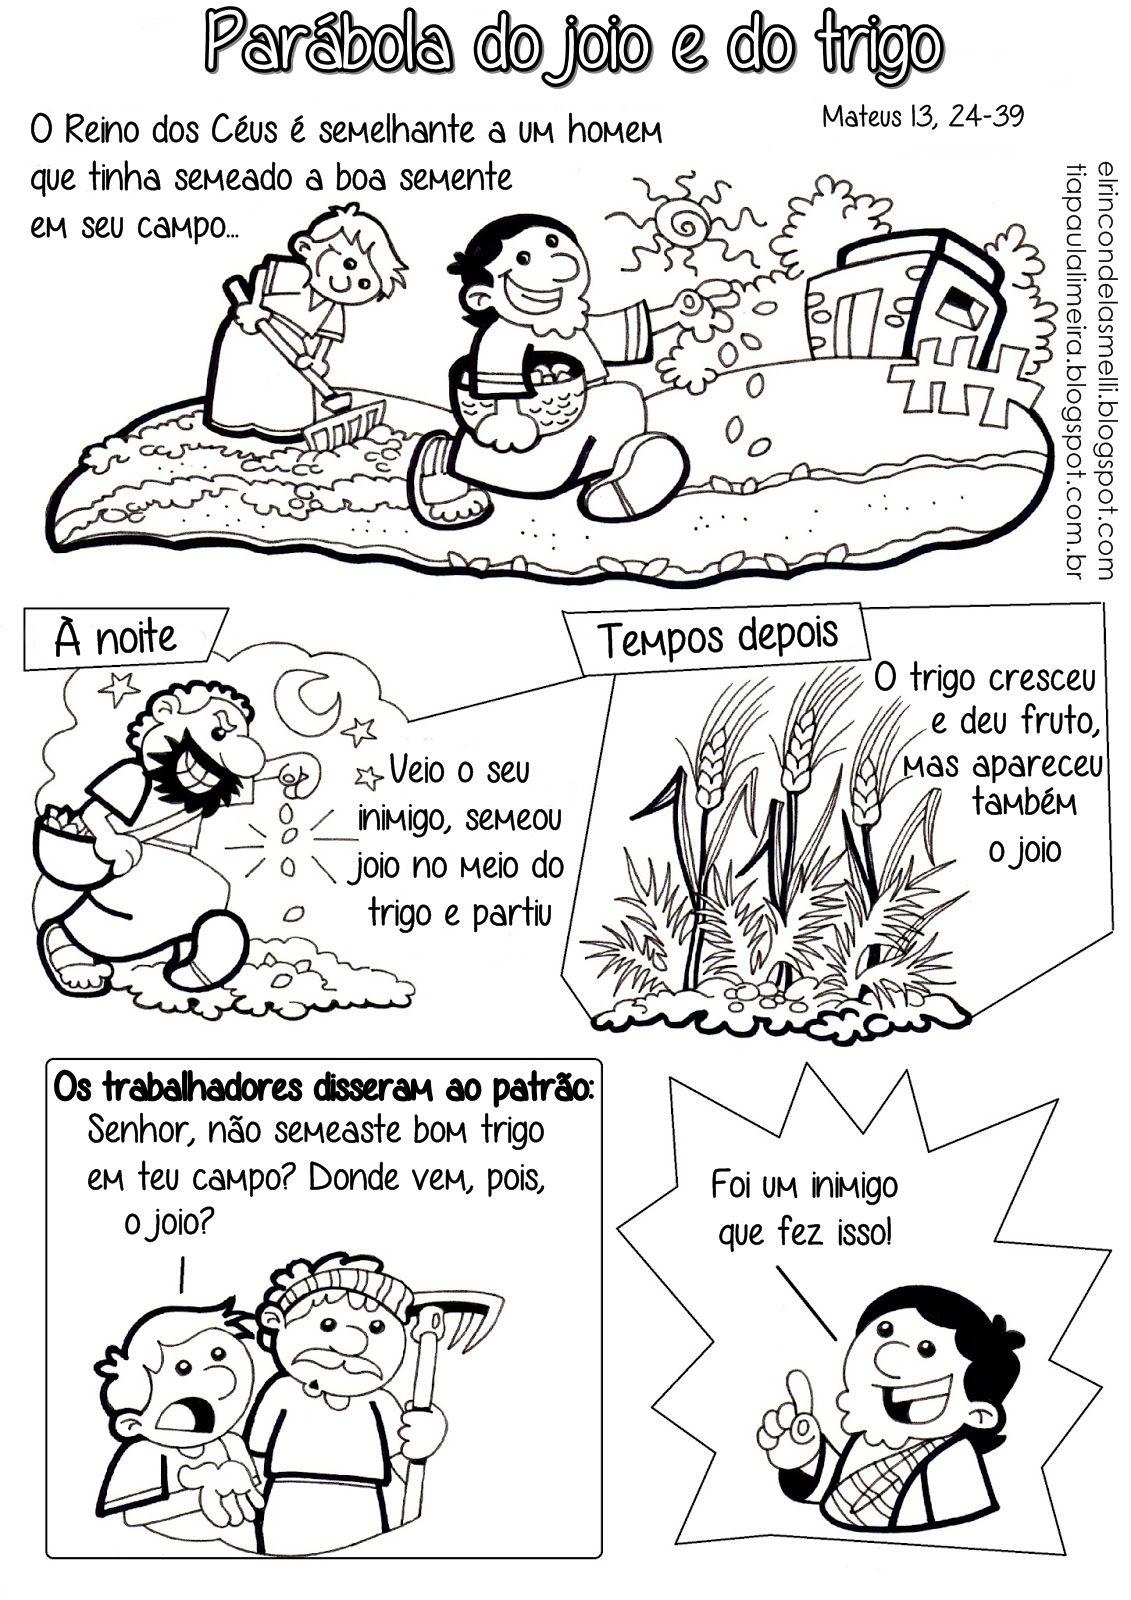 Um blog sobre evangelização infantil católica | Parábolas ...